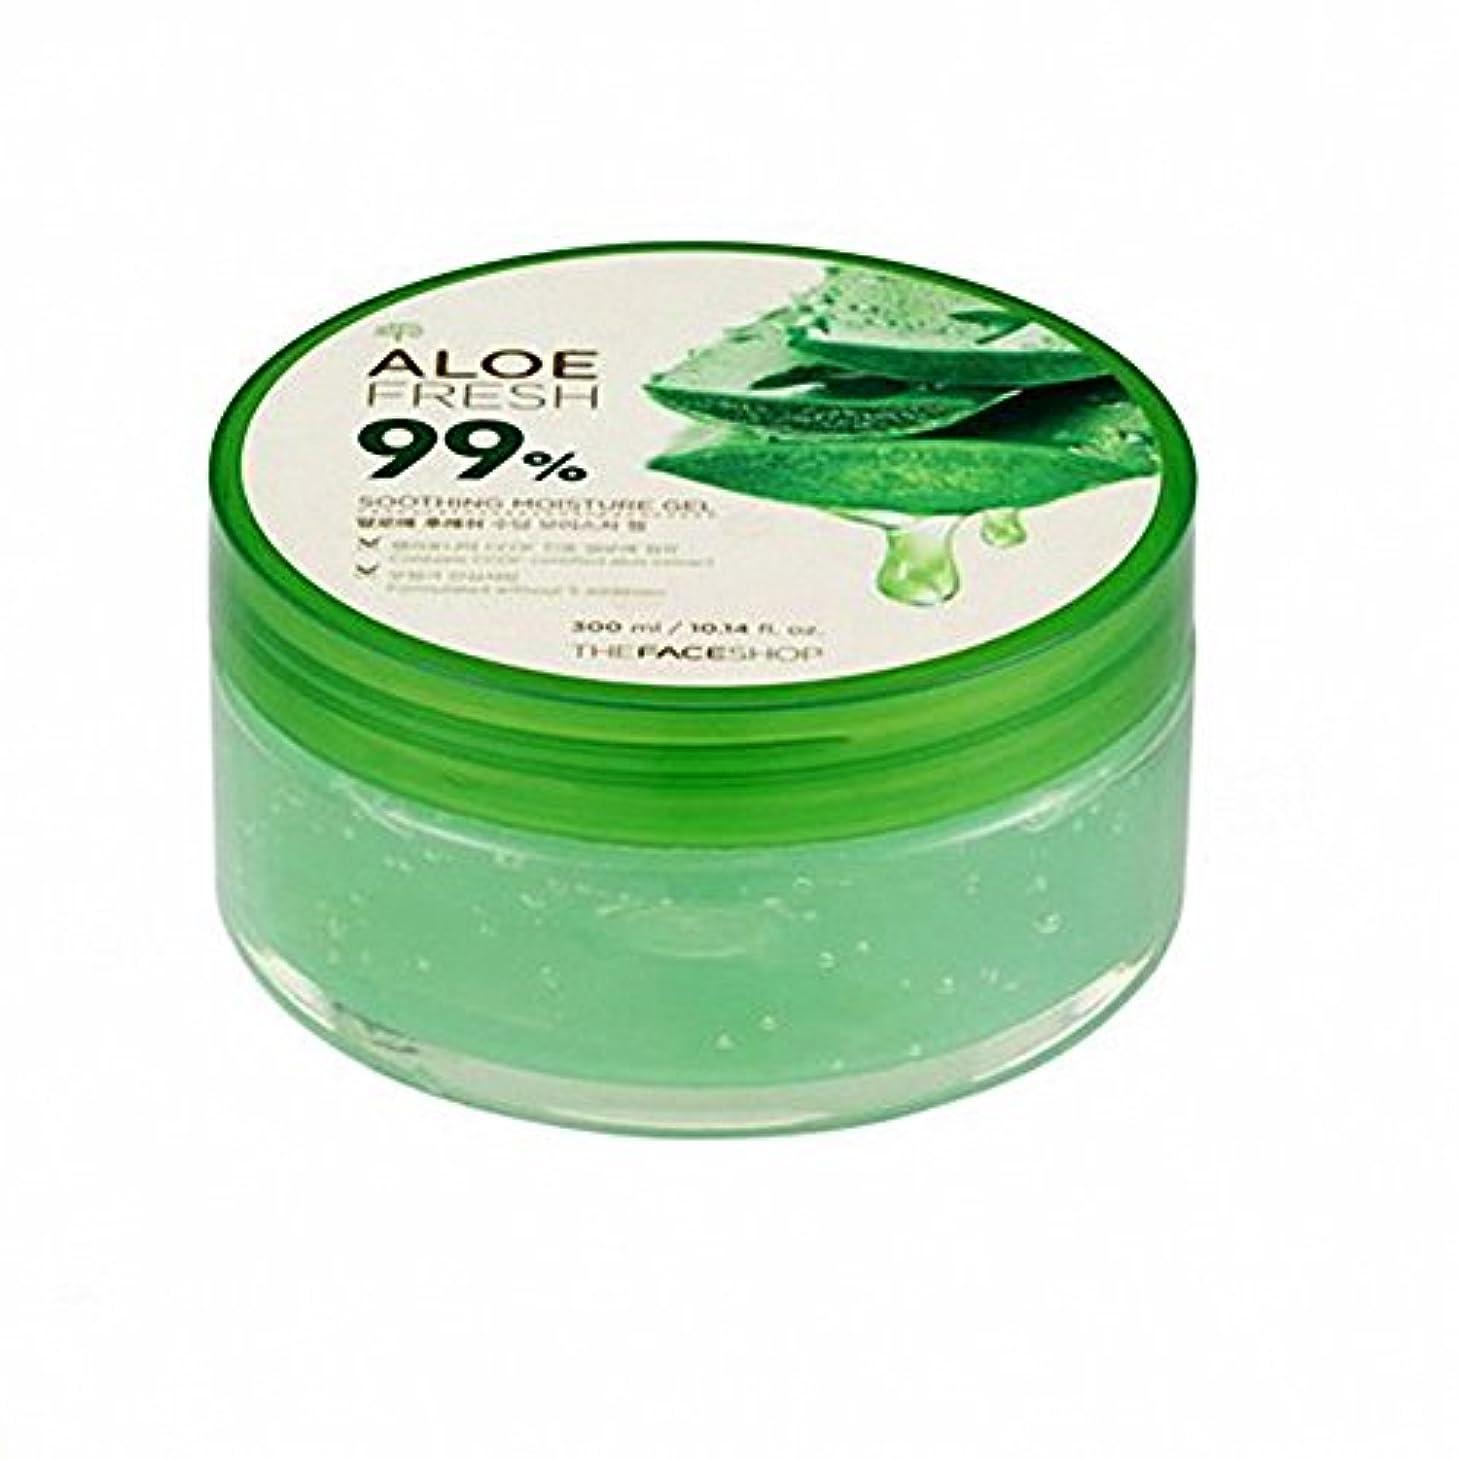 アメリカ安息ブローザ·フェイスショップ The Face Shopアロエフレッシュスージングモイスチャージェル(300ml) The Face Shop Aloe Fresh Soothing Moisture Gel 300ml [海外直送品]